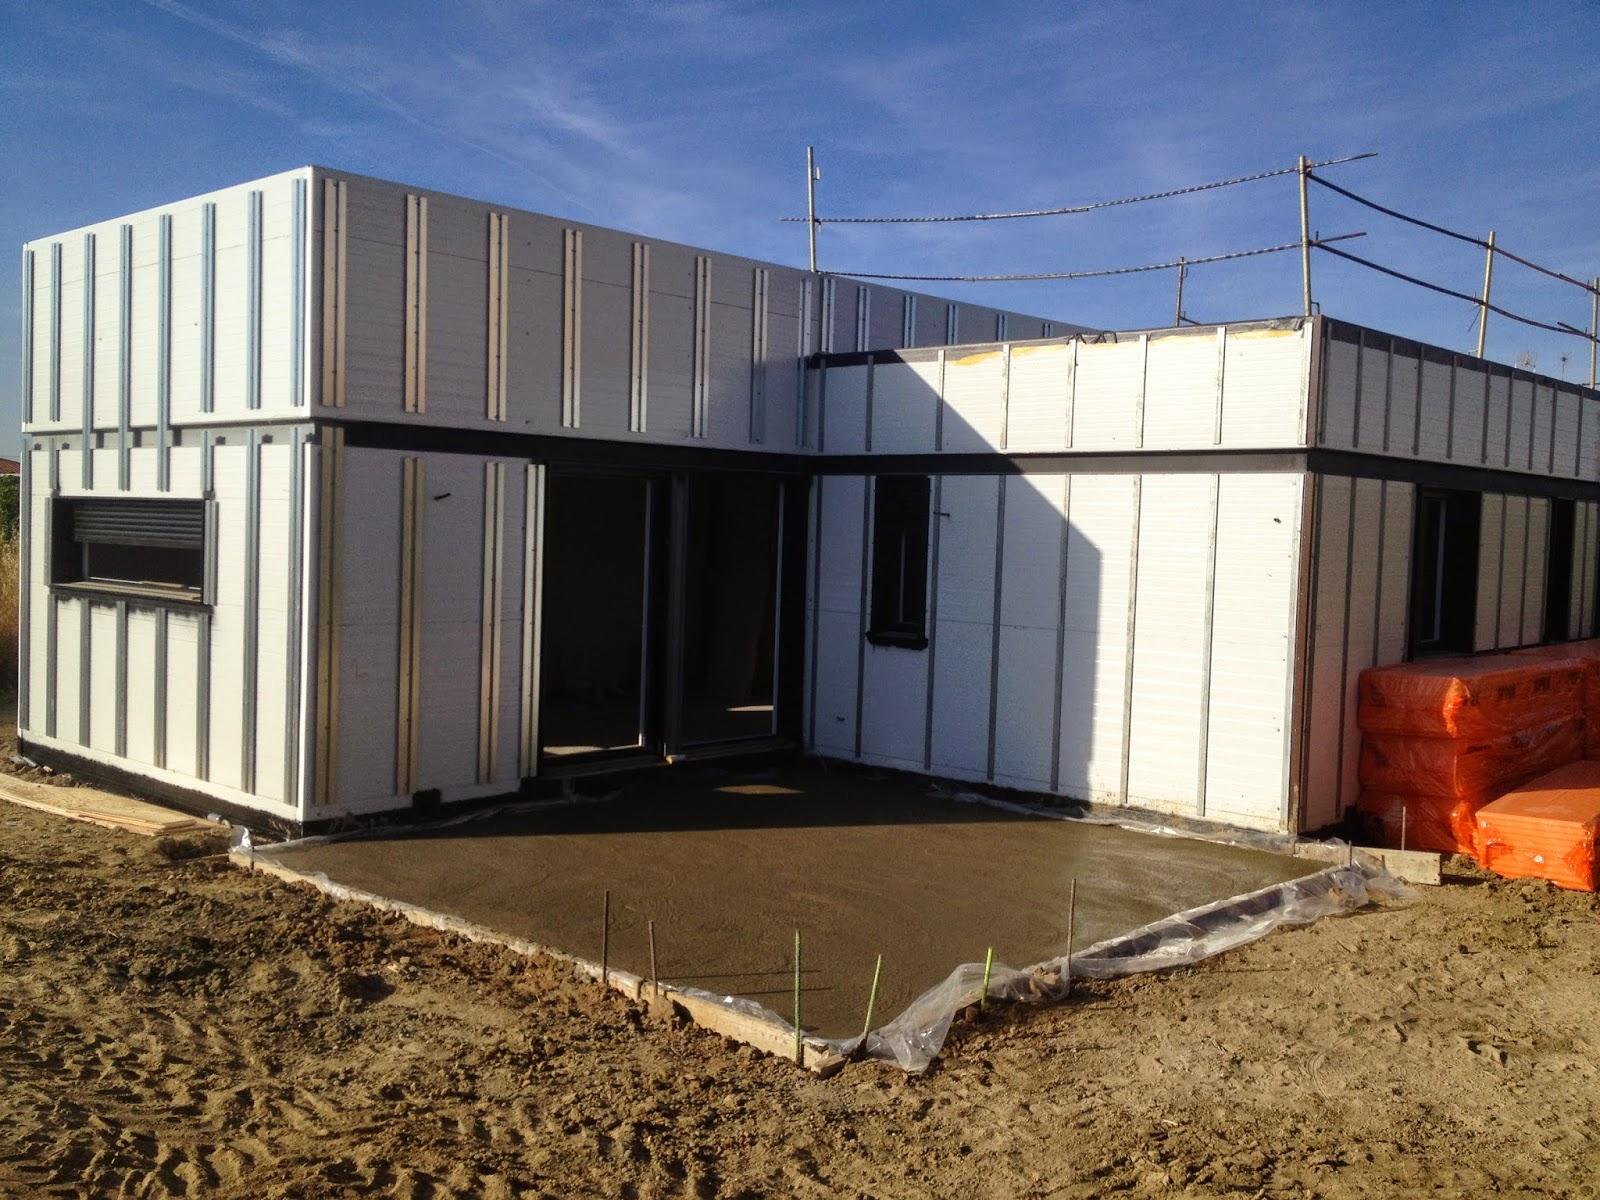 Qu ventajas tiene una fachada ventilada resan modular - Casas panel sandwich ...